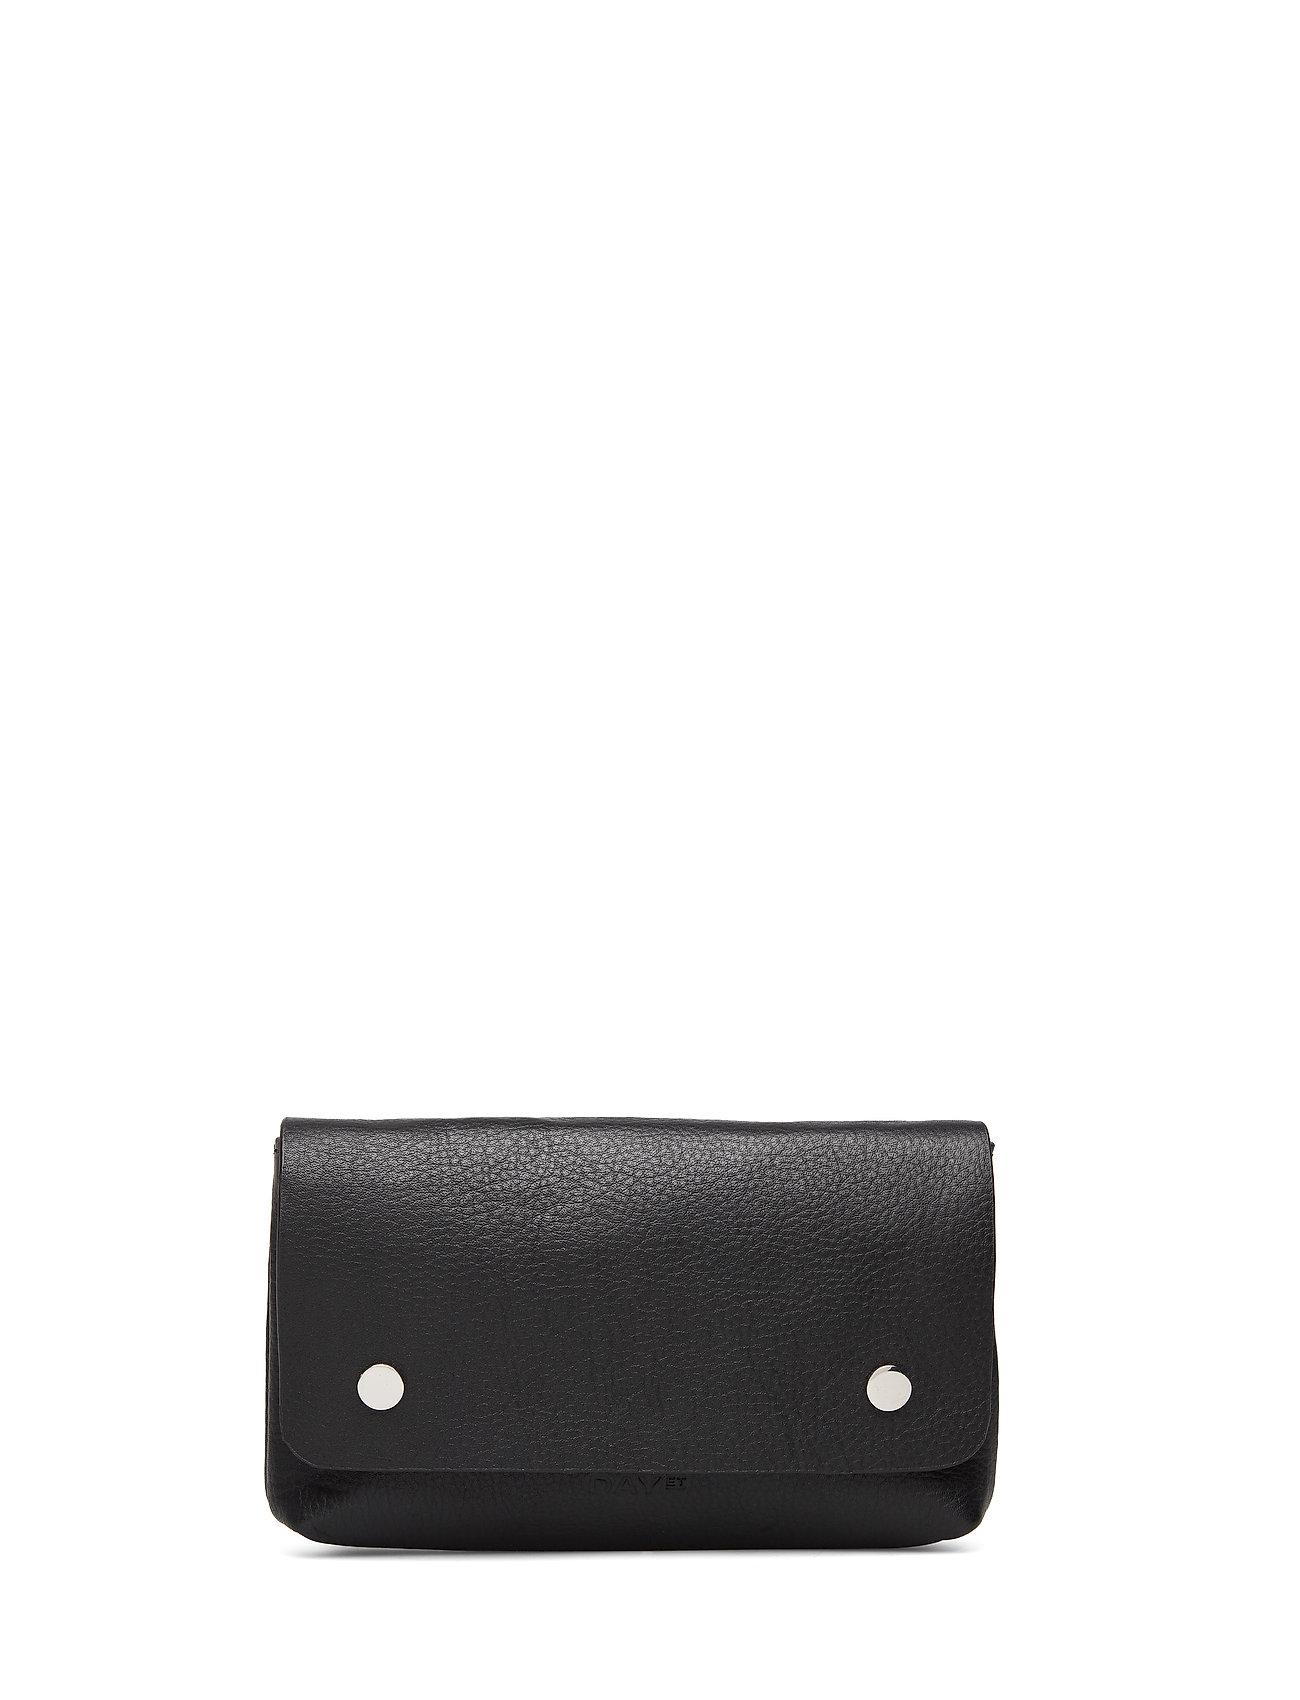 Image of Day Addition Belt Bag Bum Bag Taske Sort DAY Et (3272911541)